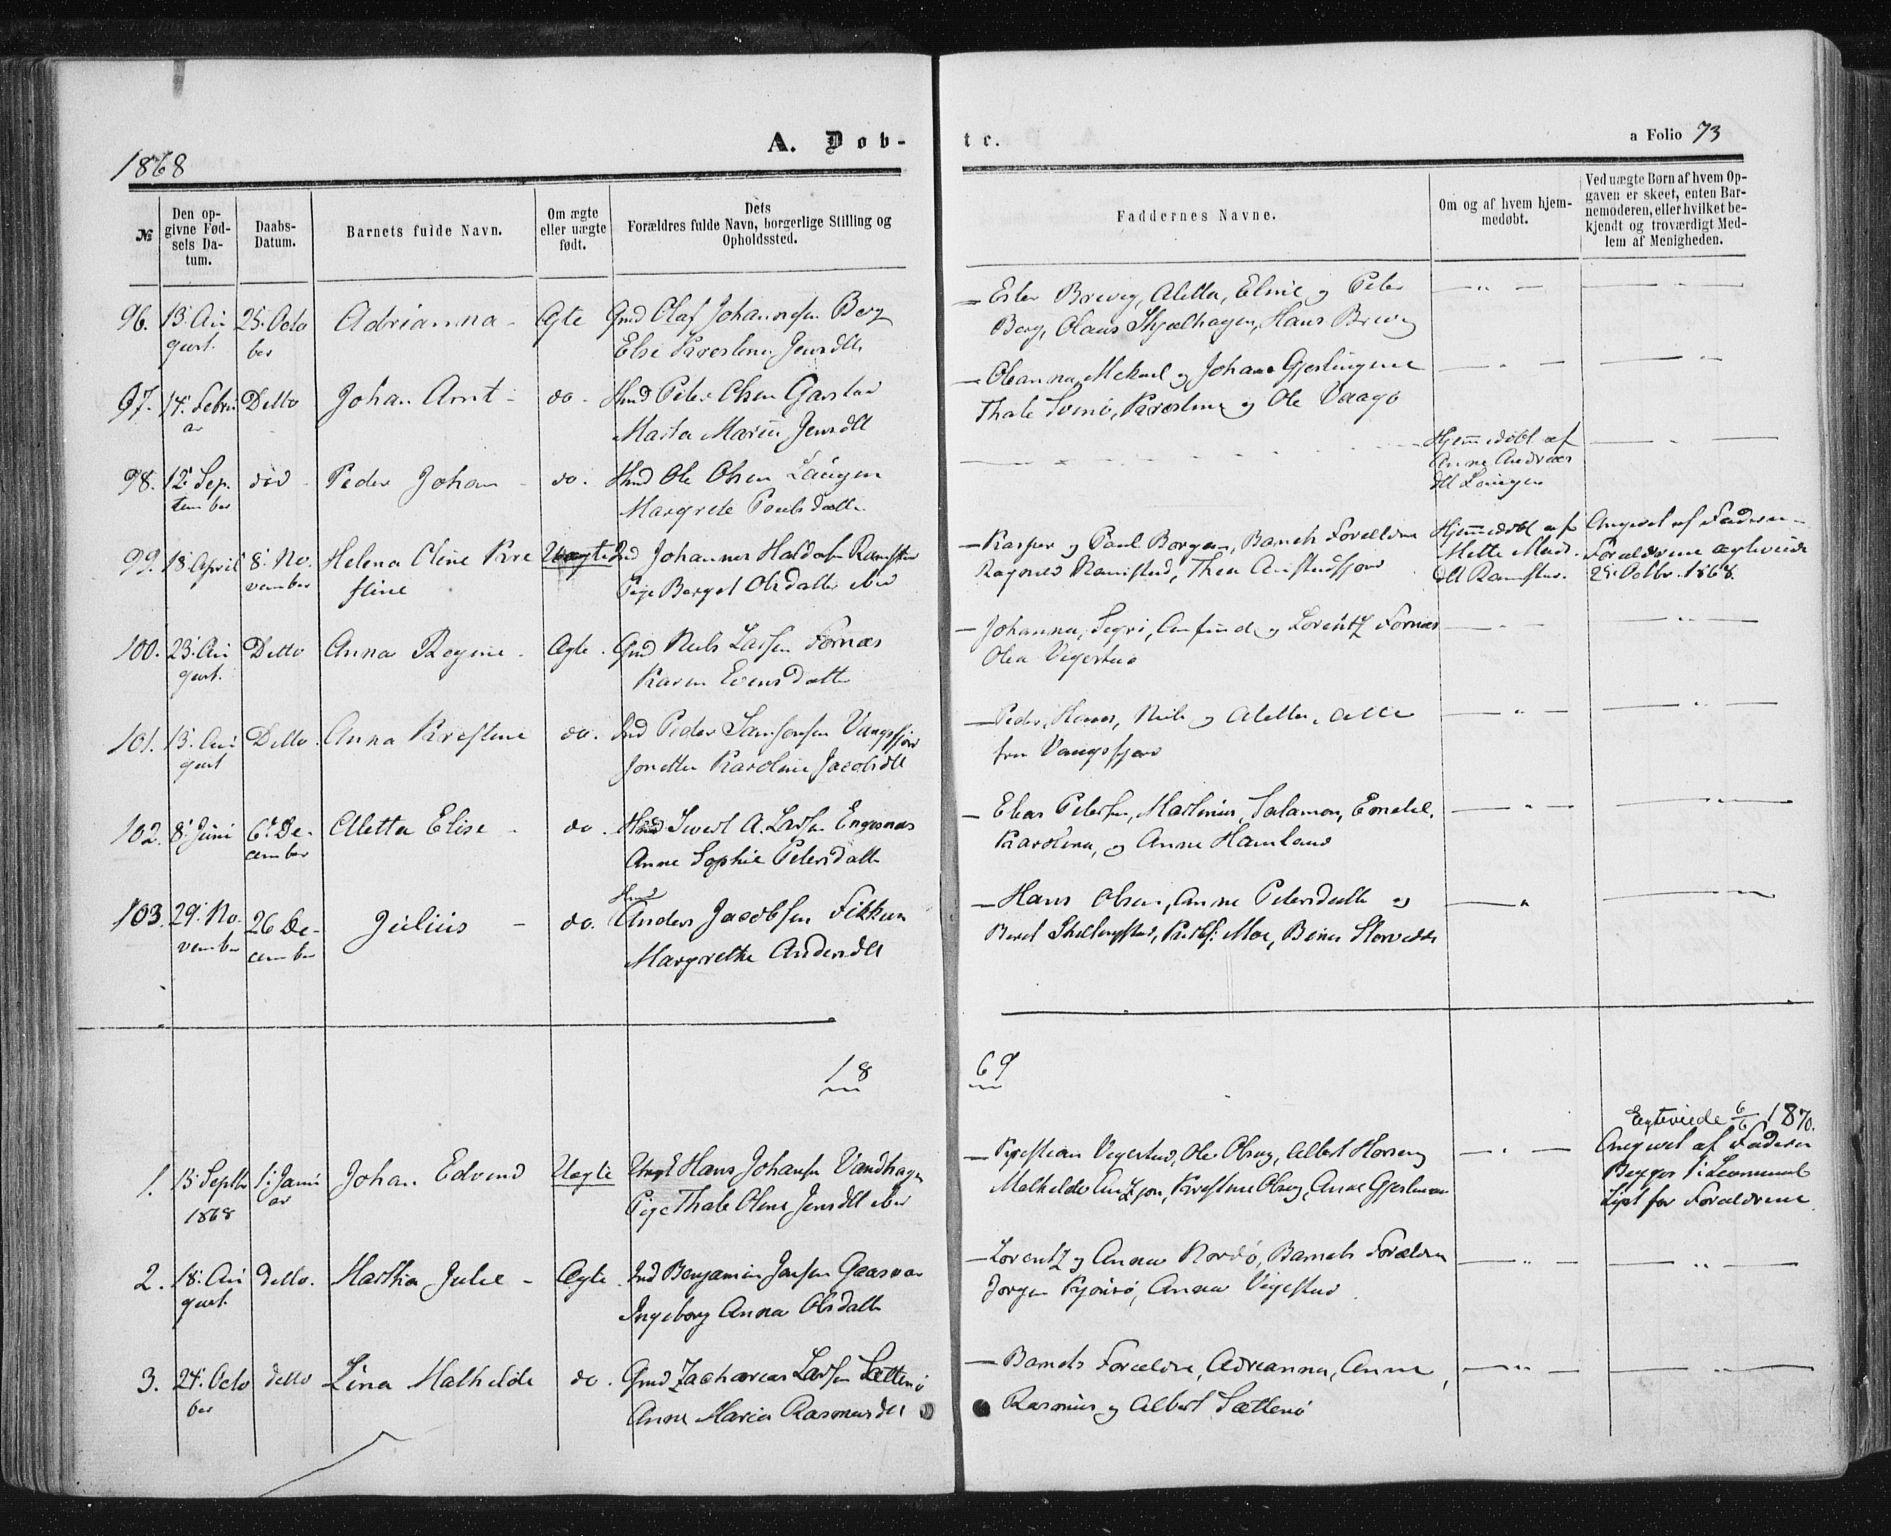 SAT, Ministerialprotokoller, klokkerbøker og fødselsregistre - Nord-Trøndelag, 784/L0670: Ministerialbok nr. 784A05, 1860-1876, s. 73